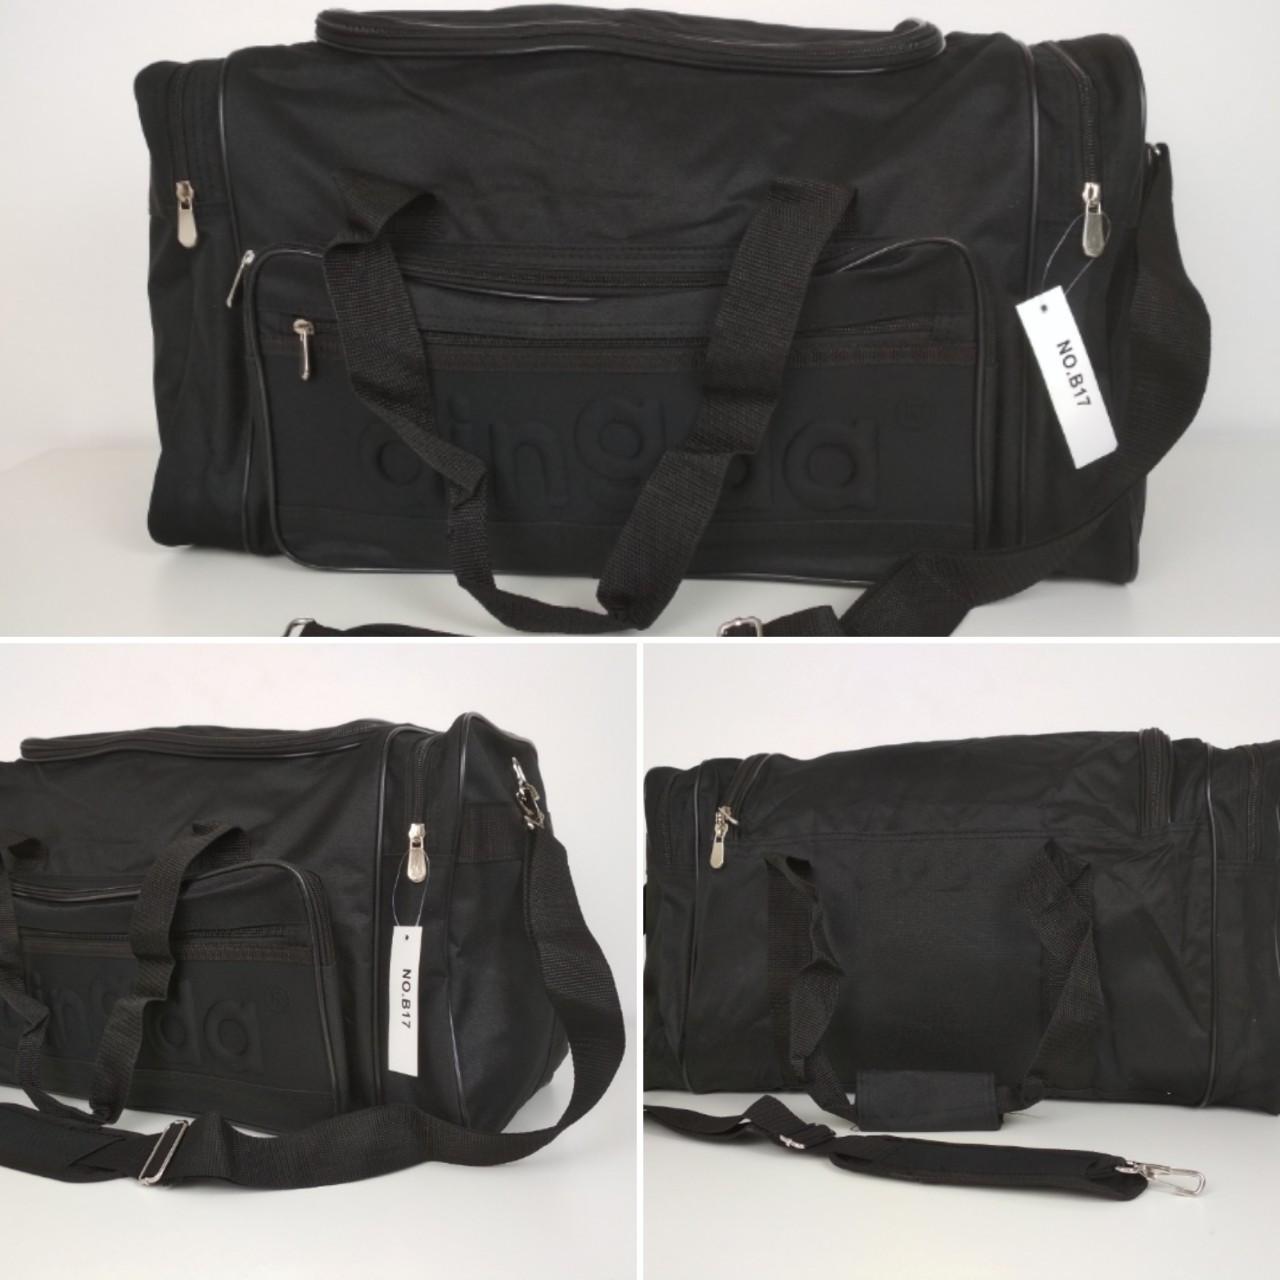 Черная спортивная сумка с плечевым ремнем 55*25*30 см